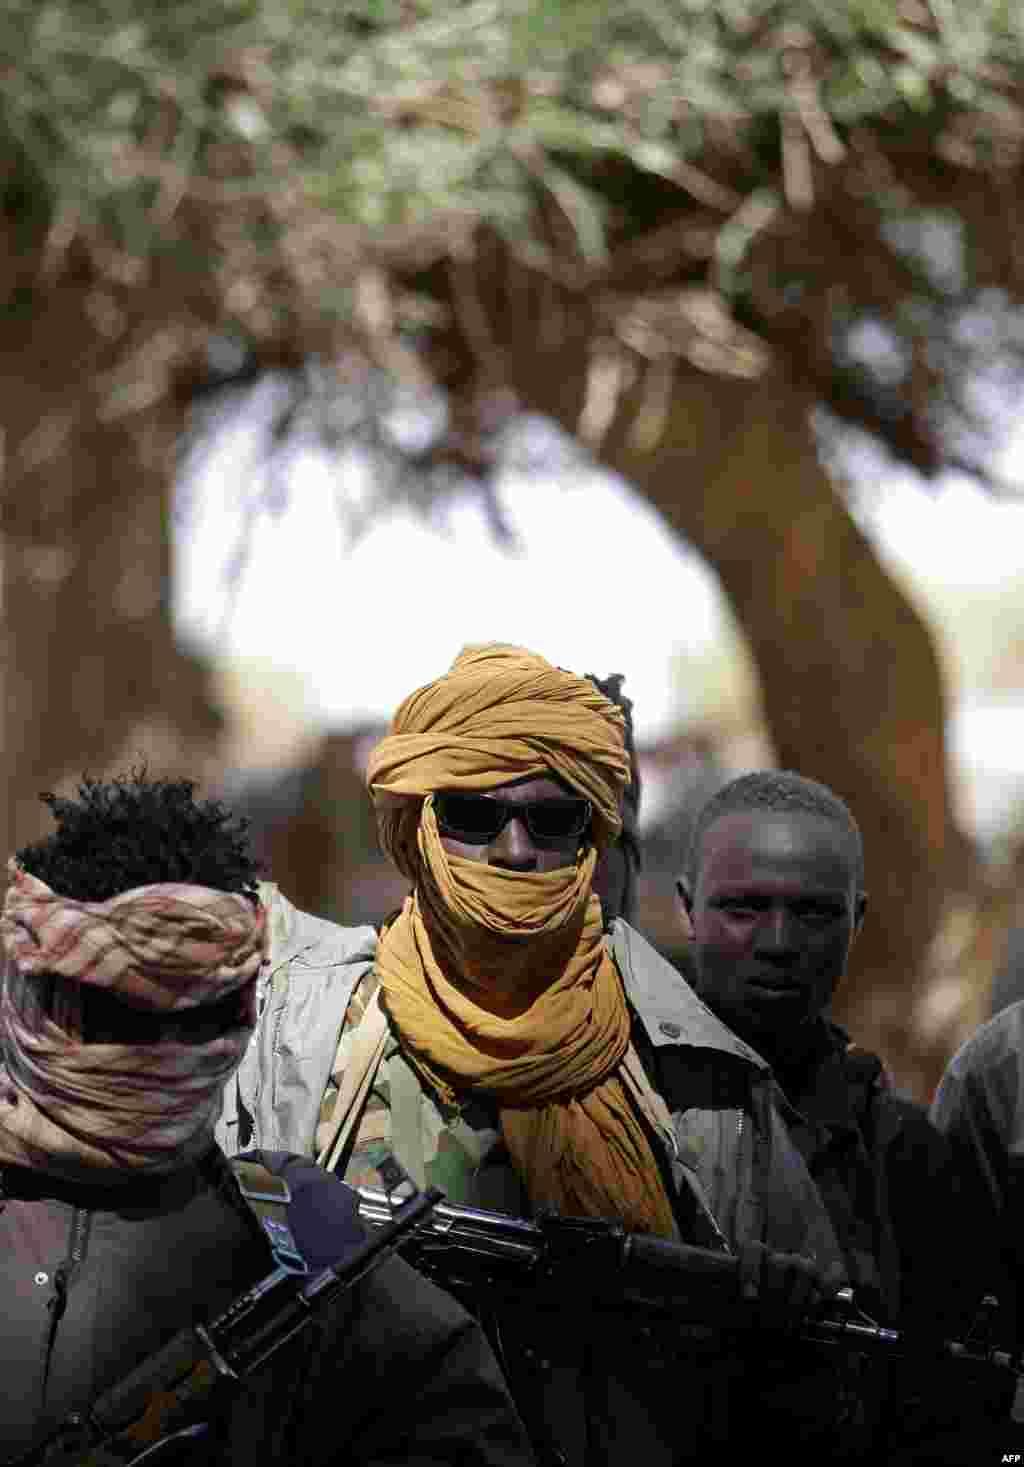 З 2003 року по сьогоднішній день у суданському регіоні Дарфур триває міжетнічний конфлікт між розрізненими військовими угрупуваннями і центральним урядом. ЮНАМІД, спільна миротворча місія Африканського союзу і ООН, покликана встановити мир в регіоні. Але конвої місії регулярно піддаються нападам і грабежу з боку угруповань, які або продають зброю на чорному ринку, або залишають її собі На фото – бійці «Об'єднаного фронту протистояння» в Судані під час зустрічі між військовими і політичними лідерами угруповань, представниками Африканського союзу і ООН. Січень 2008 року